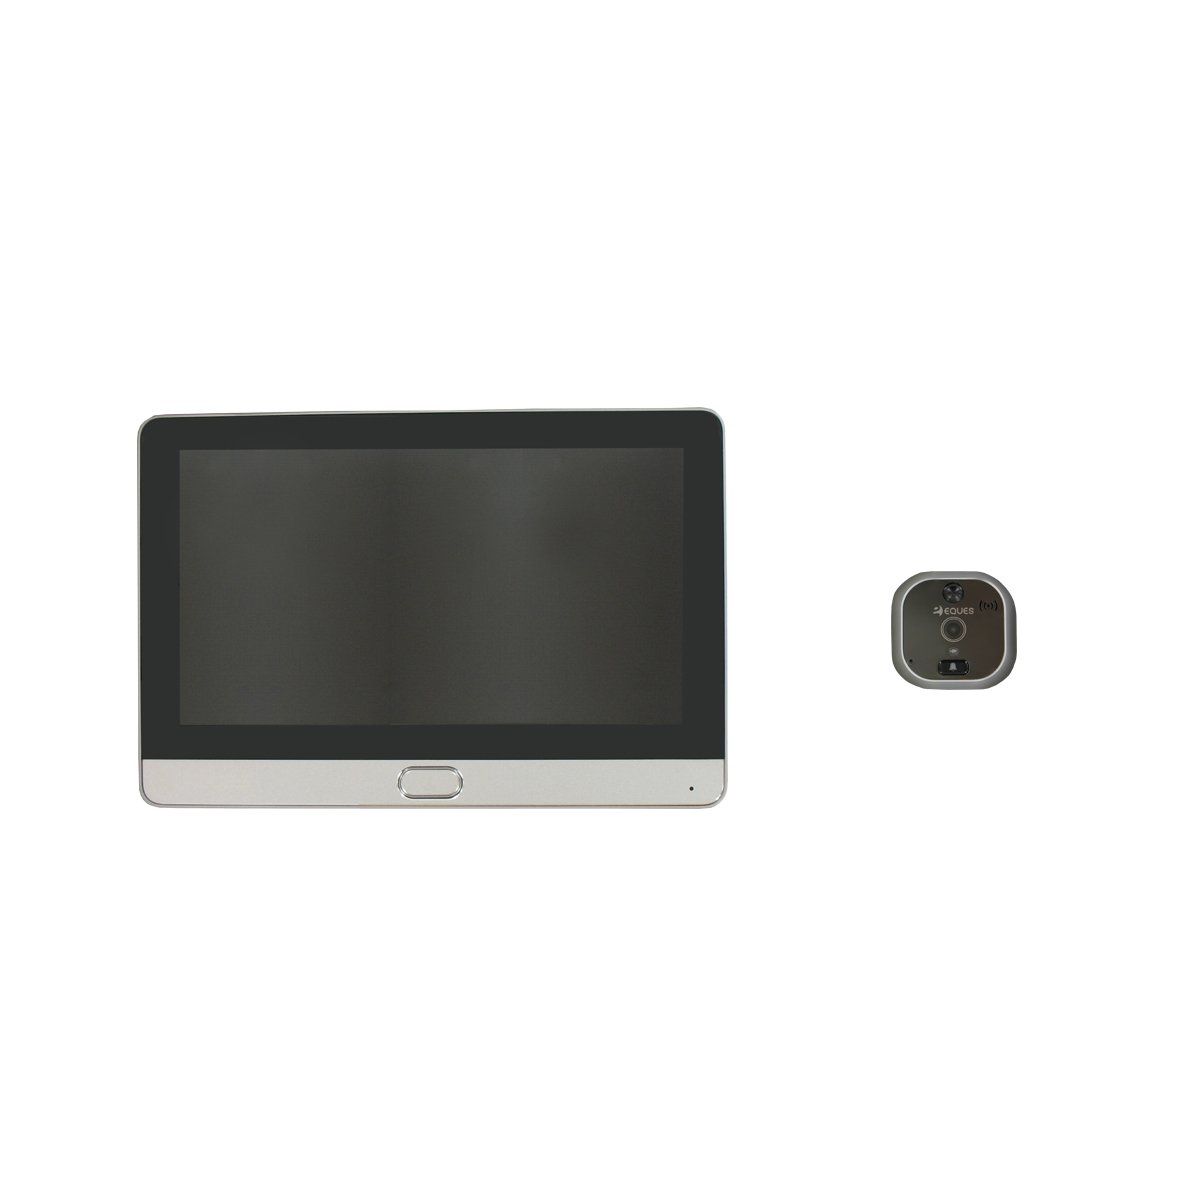 Mirilla de puerta digital Wi-Fi, con pantalla táctil y vídeo-interfono Eques R22 Espy2: Amazon.es: Bricolaje y herramientas